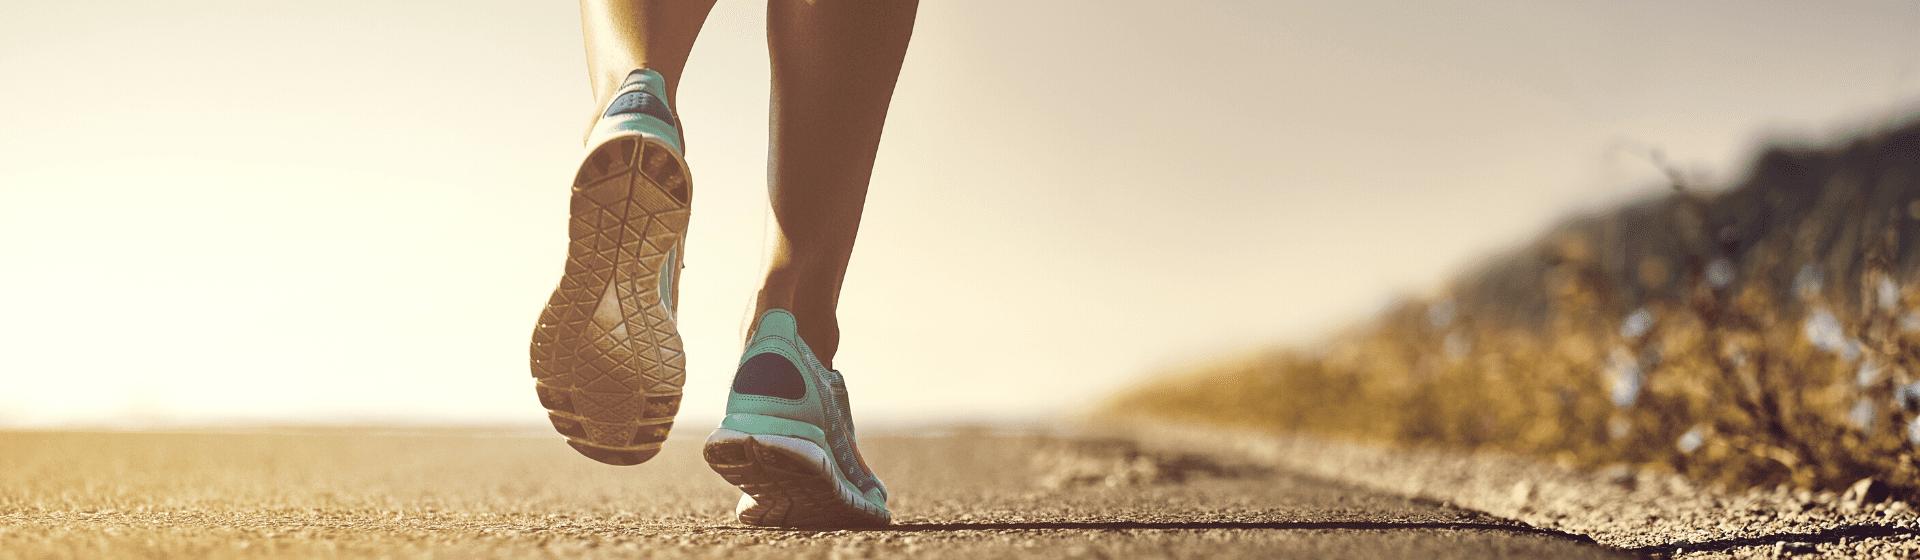 Tênis Olympikus para corrida: 7 modelos para comprar em 2021